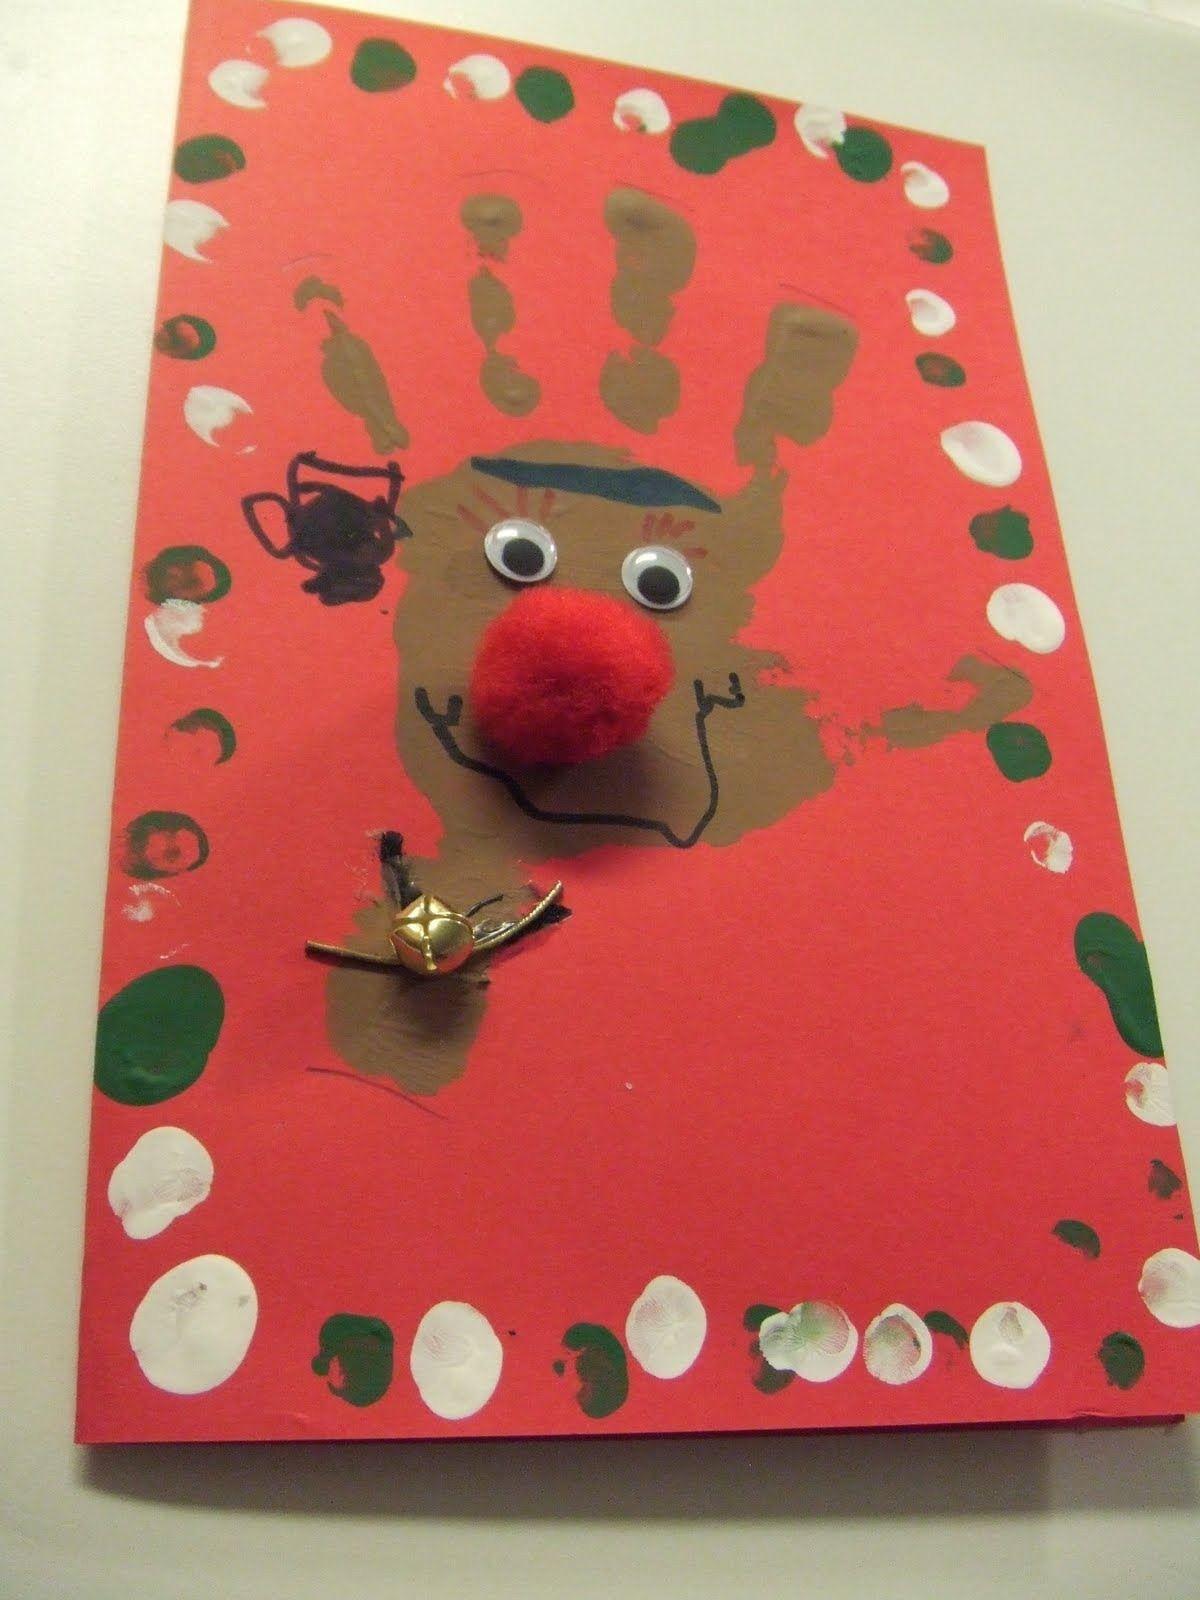 Tarjetas de navidad hechas a mano huella tarjetas y navidad - Tarjeta de navidad para ninos manualidades ...